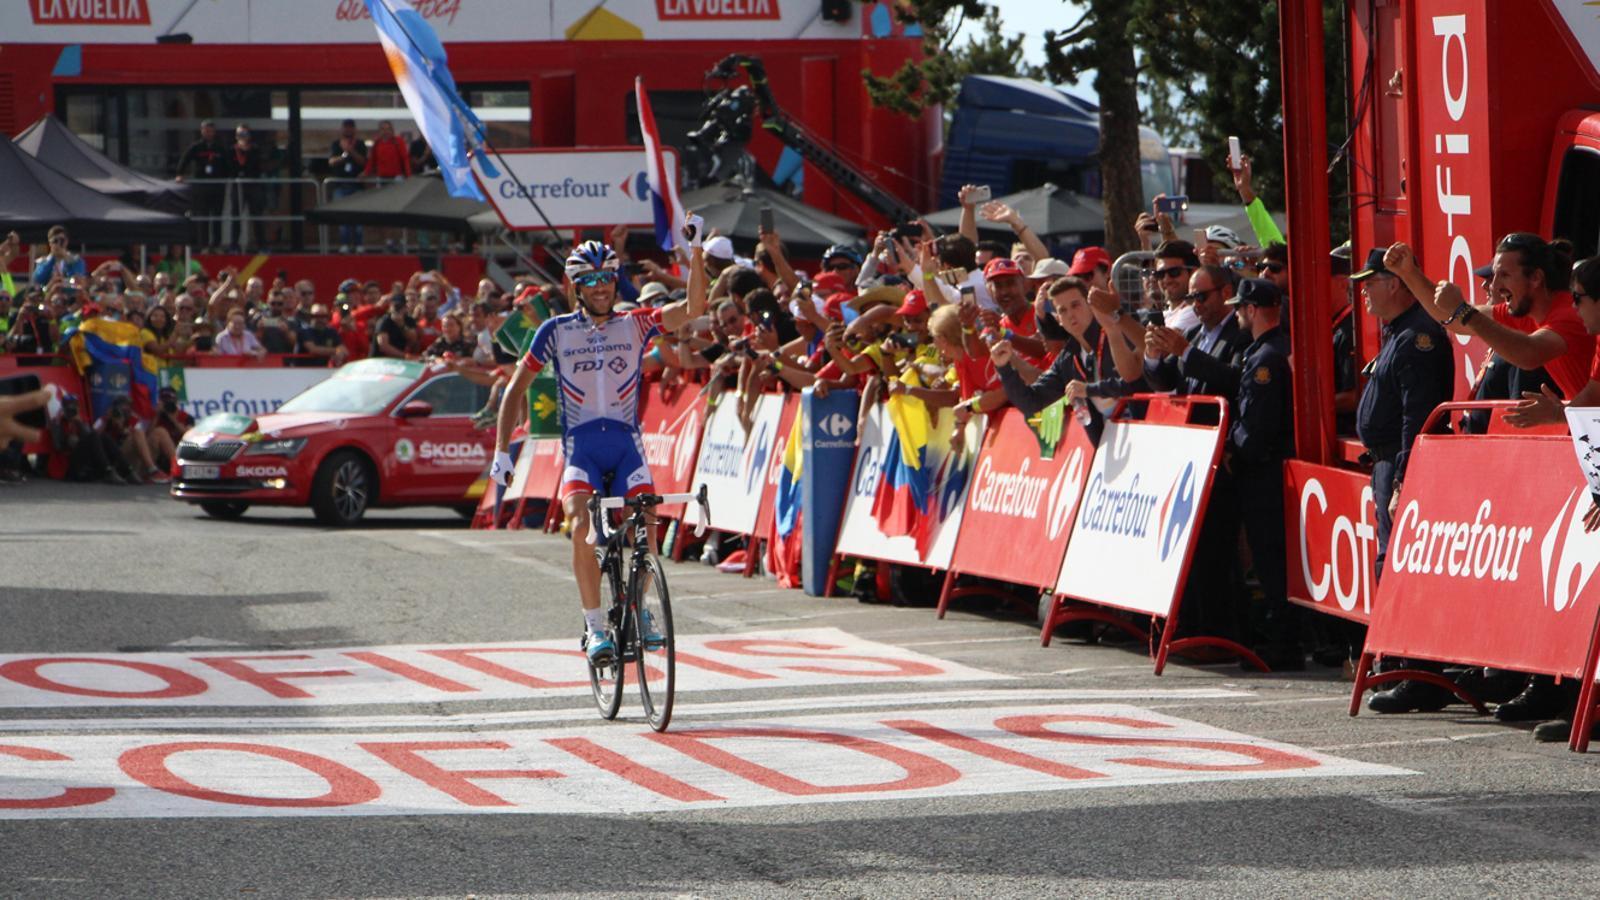 El guanyador de la dinovena etapa de la Vuelta, en el moment de creuar la línia d'arribada. / M. P. (ANA)